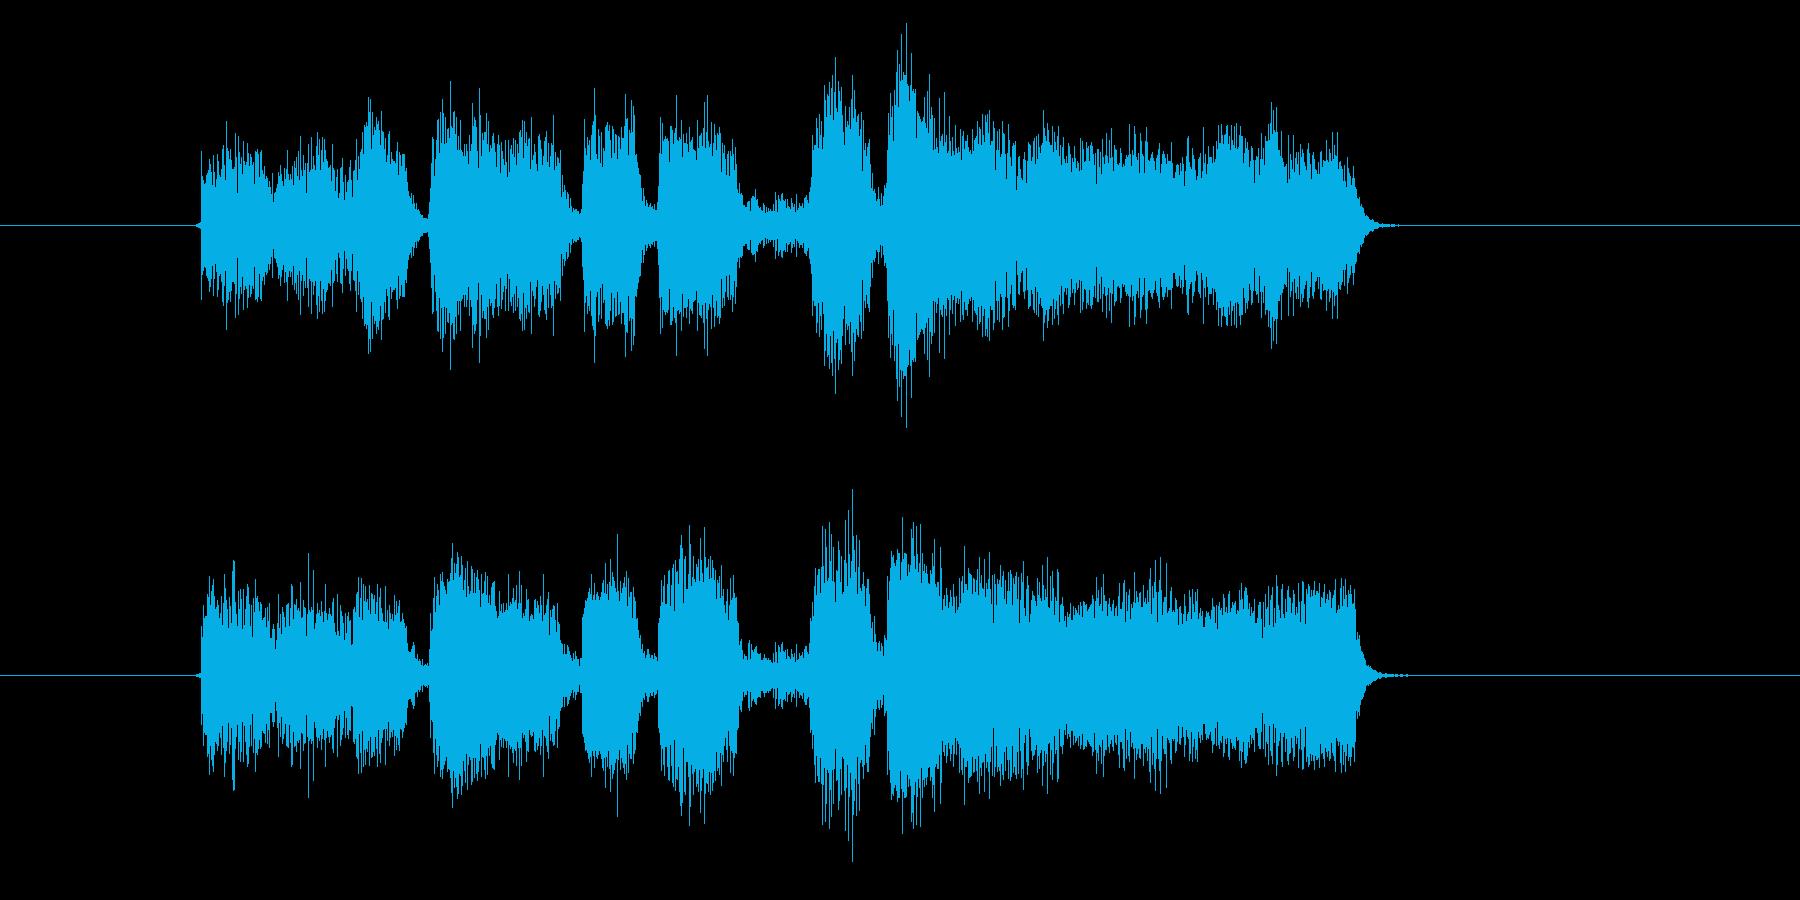 ステージやクエストをクリアしたジングル曲の再生済みの波形